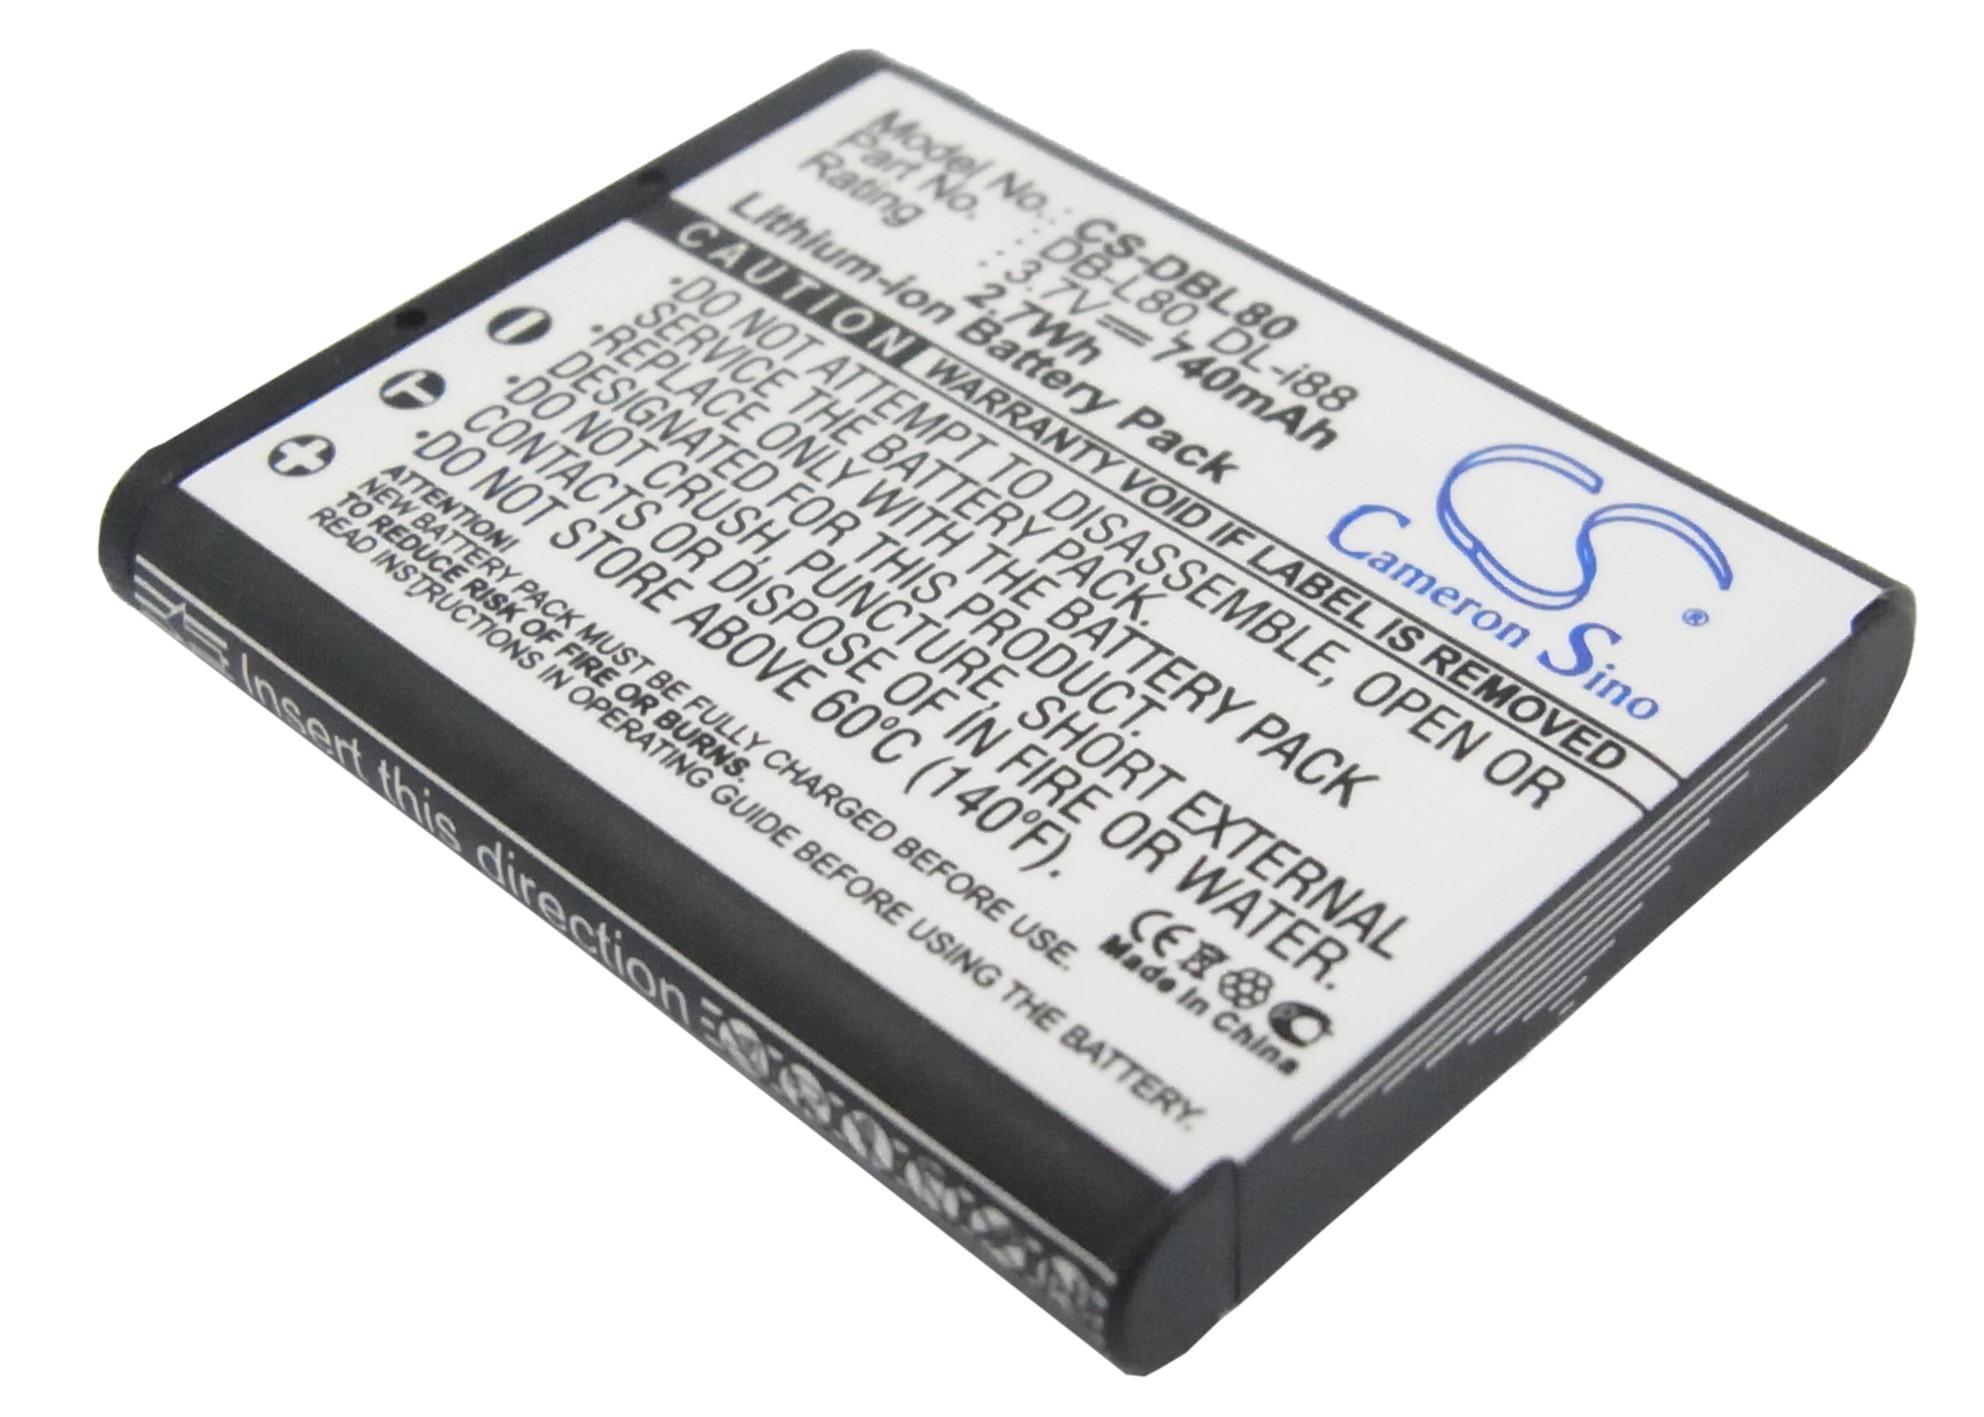 Cameron Sino baterie do kamer a fotoaparátů pro TOSHIBA Camileo SX500 3.7V Li-ion 740mAh černá - neoriginální